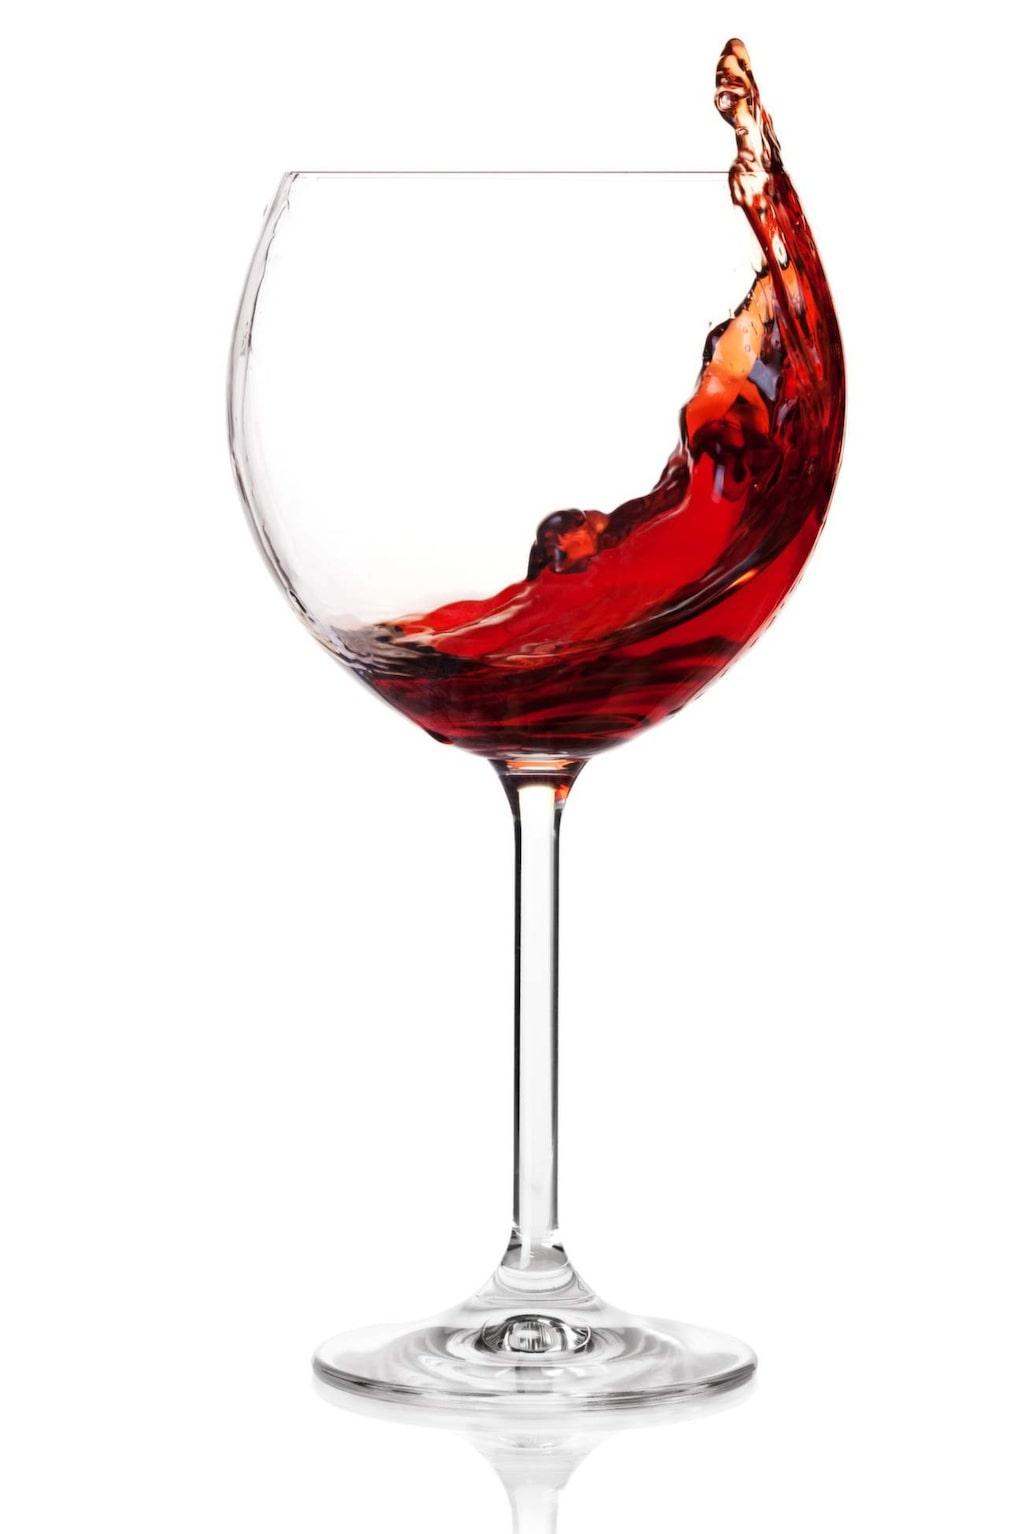 Som att inte borsta tänderna när de precis druckit vin…